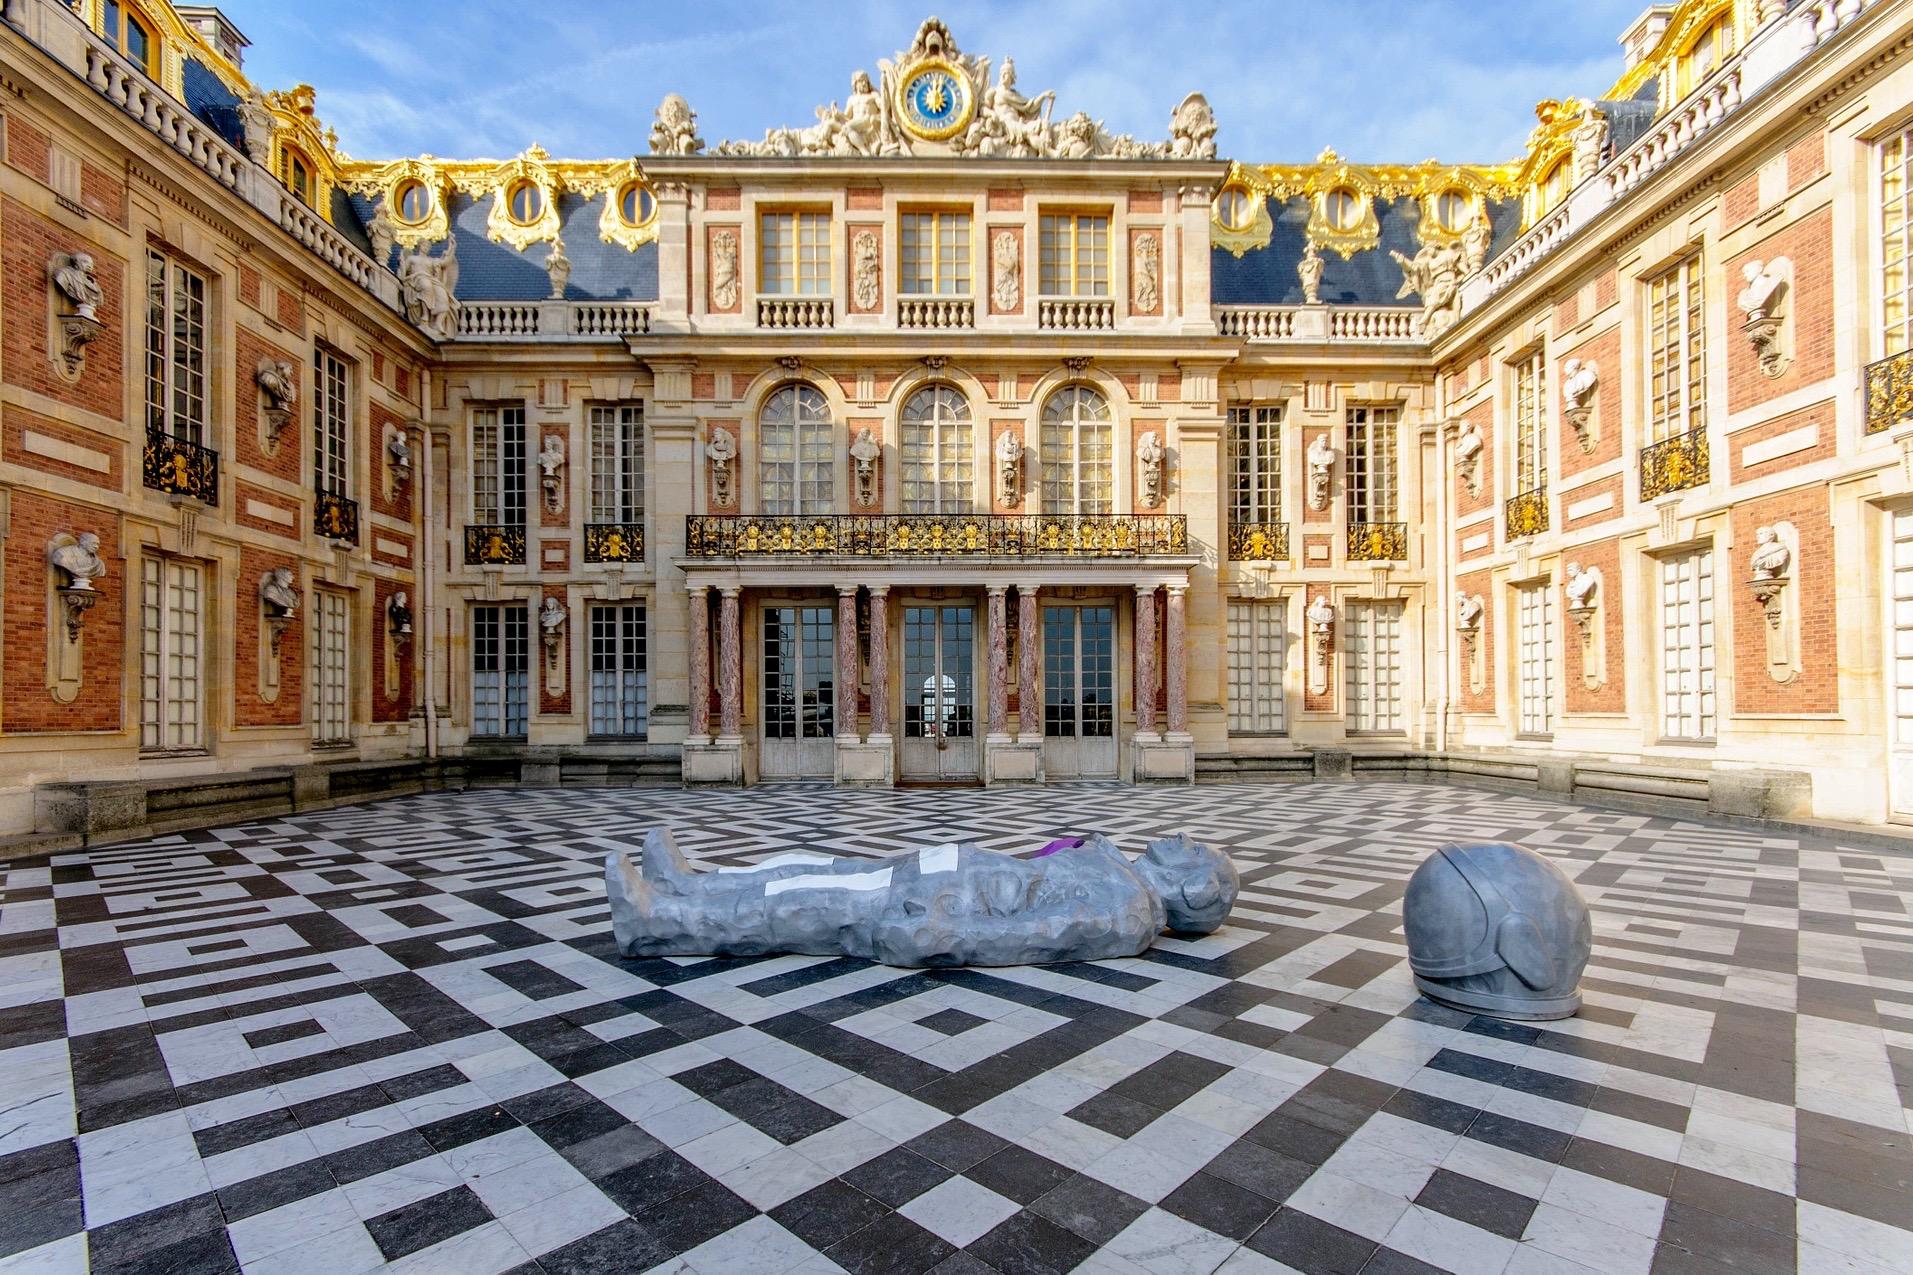 Париж: Экскурсия в Версаль на пол-дня в сопровождении гида с экскурсией по Большому дворцу и прогулкой по парку с входом без очереди на комфортабельном автобусе